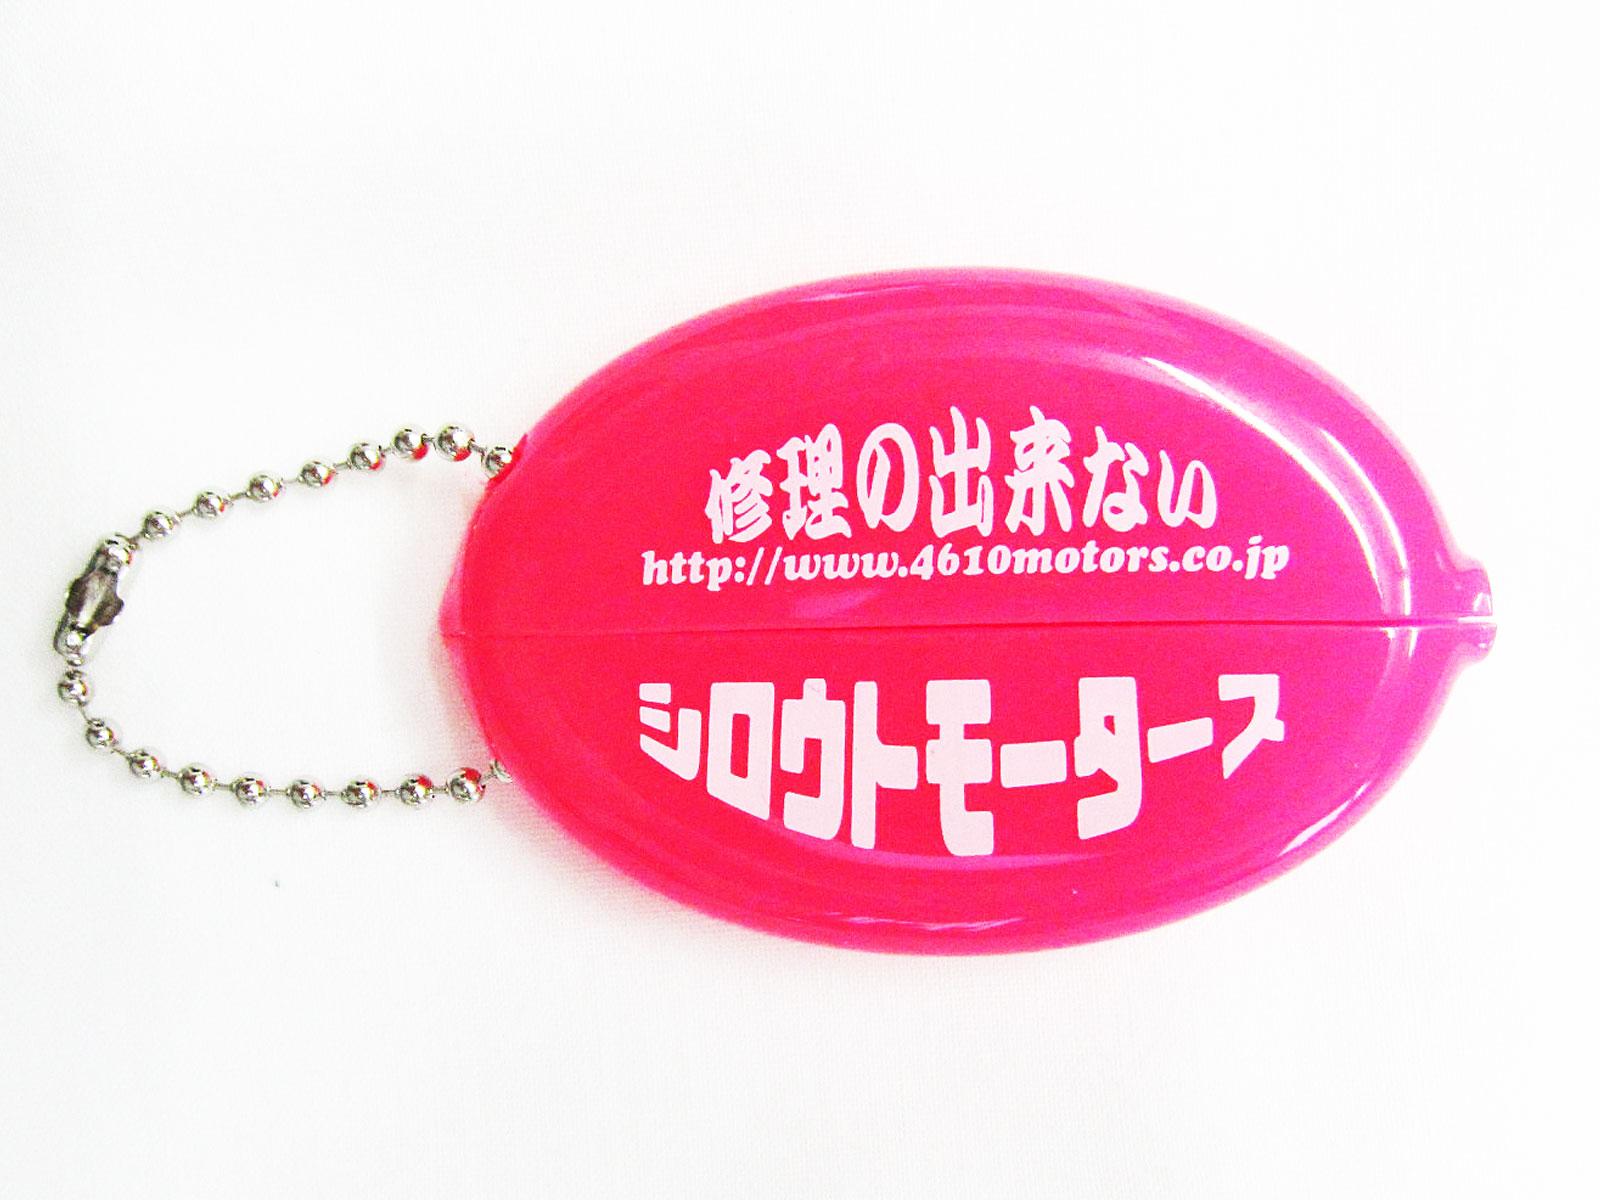 クイックコインケース☆ピンク/シロウトモータース★4610MOTORS Quick Coin Case Pink ラバーコインケース 小銭入れ キーチェーン 蛍光